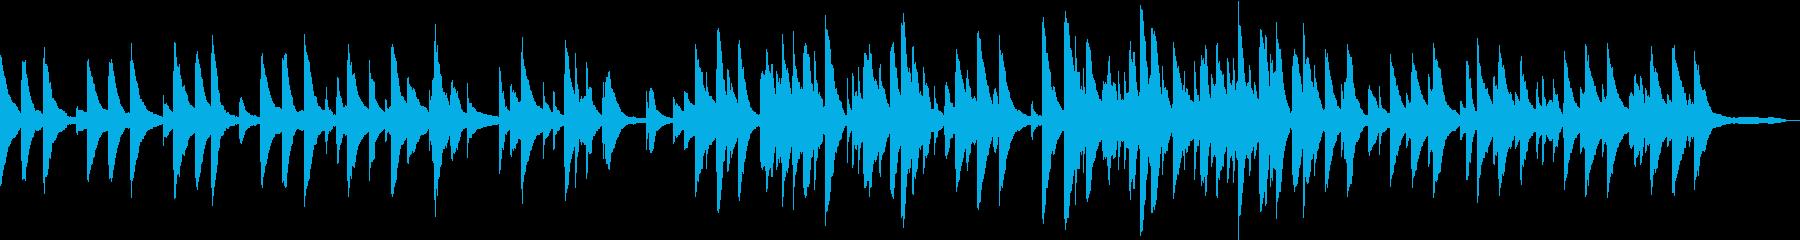 睡眠を促す穏やかなピアノアンビエントの再生済みの波形